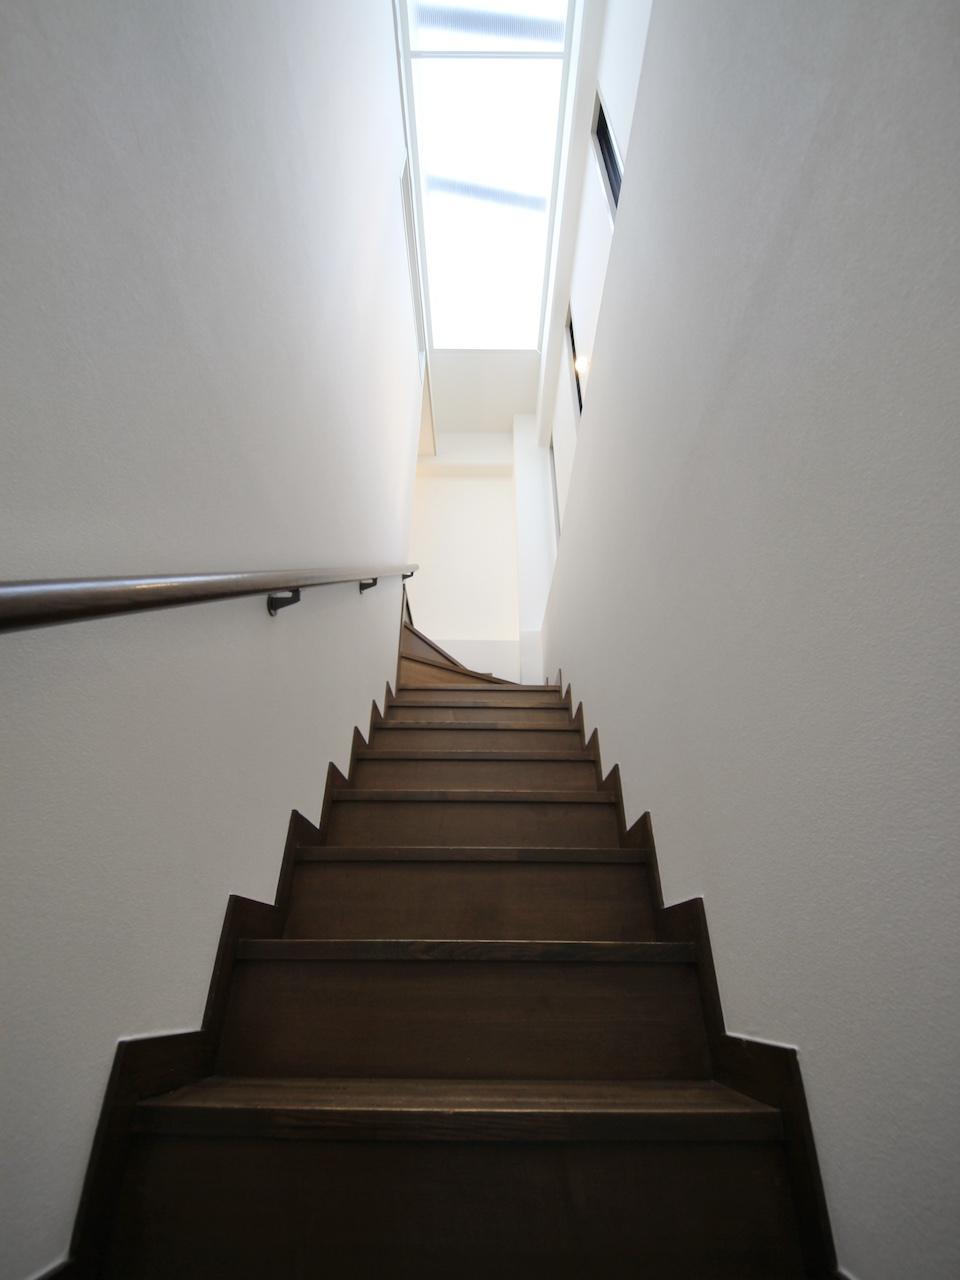 3階への階段 天窓で明るい空間